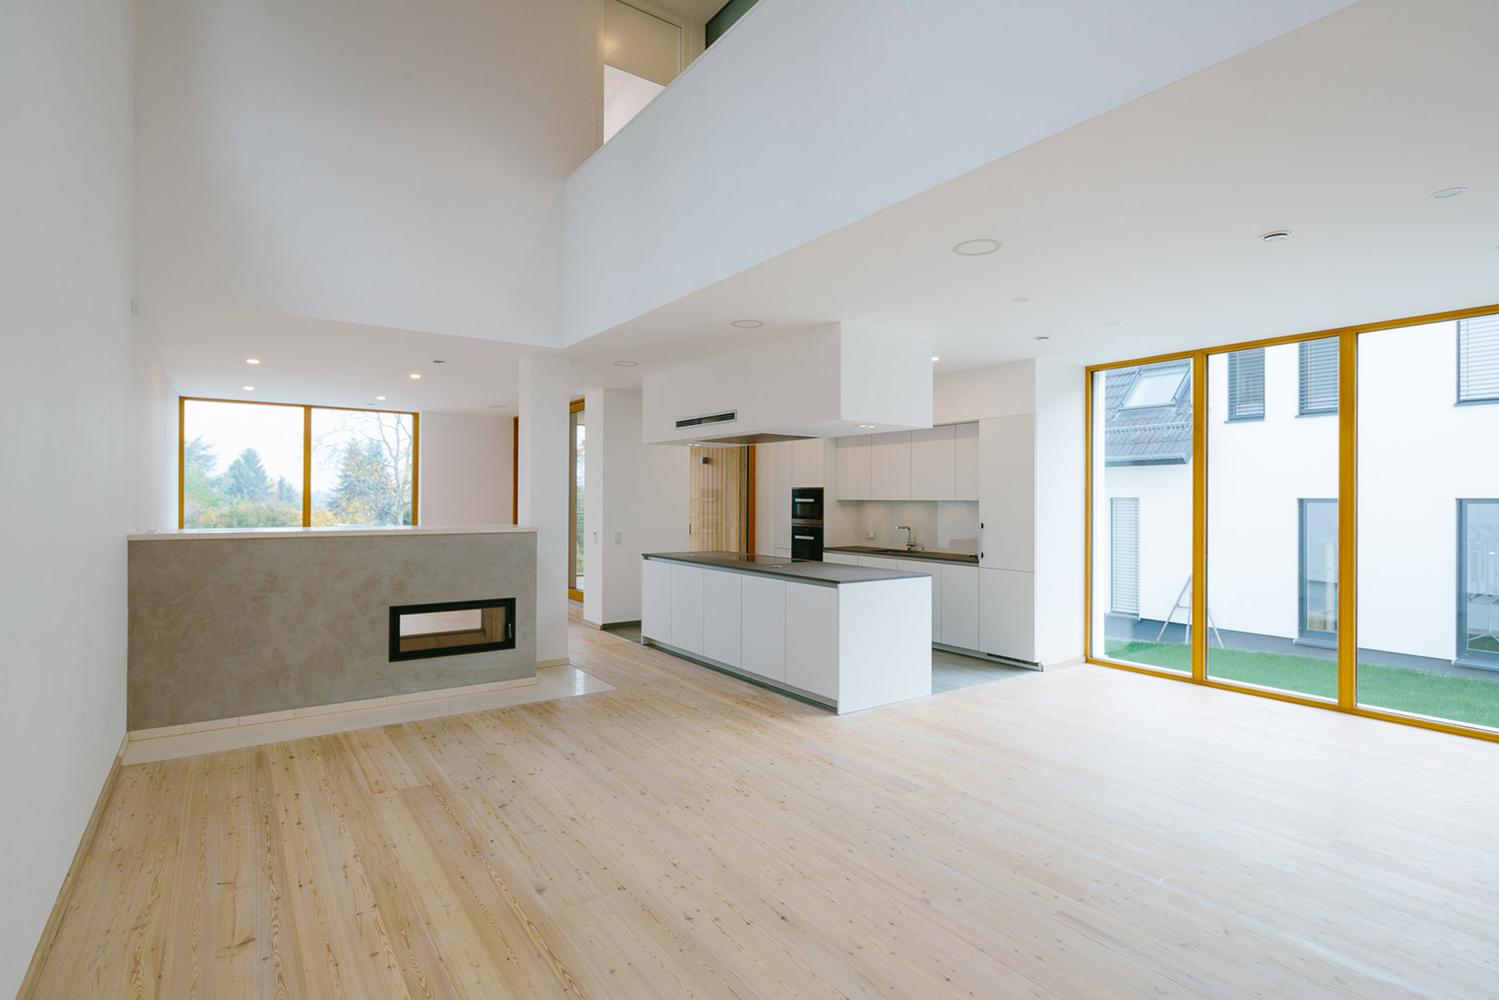 5_Wohnhaus am Hainerweg_JOP Architekten_Inspirationist